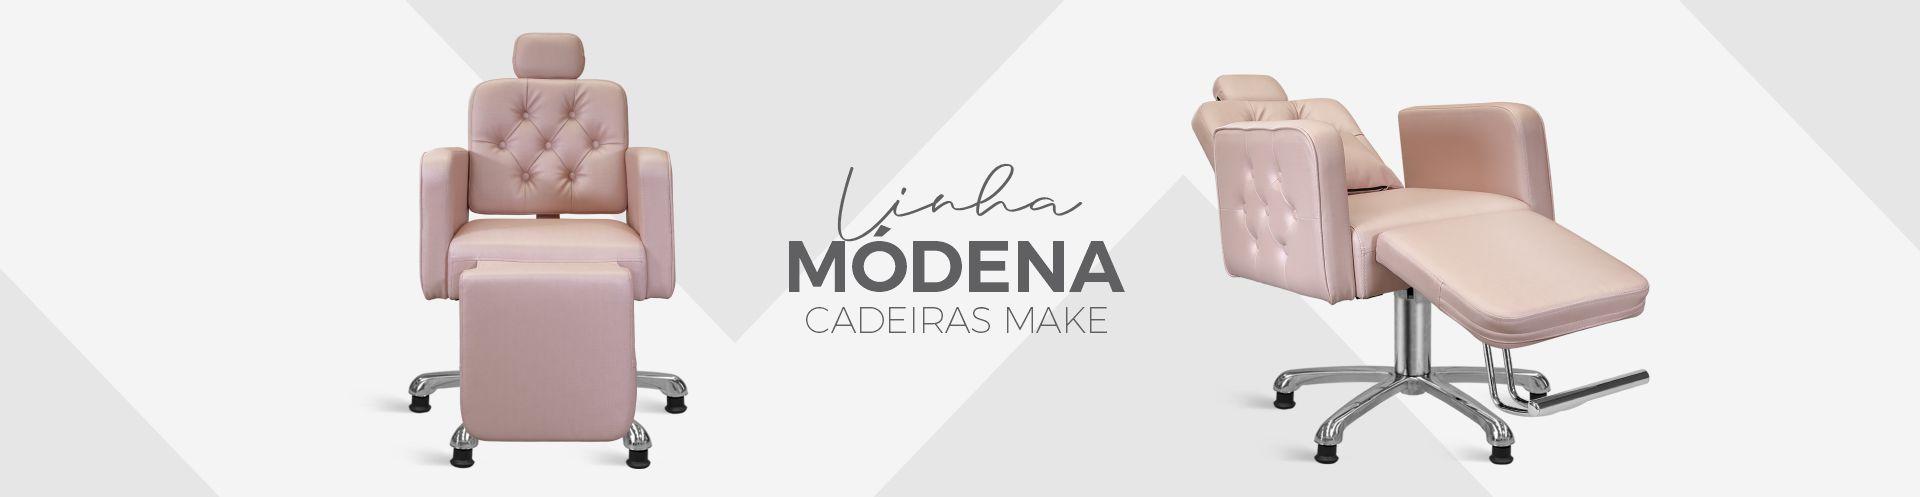 Lavatórios Modena 2021